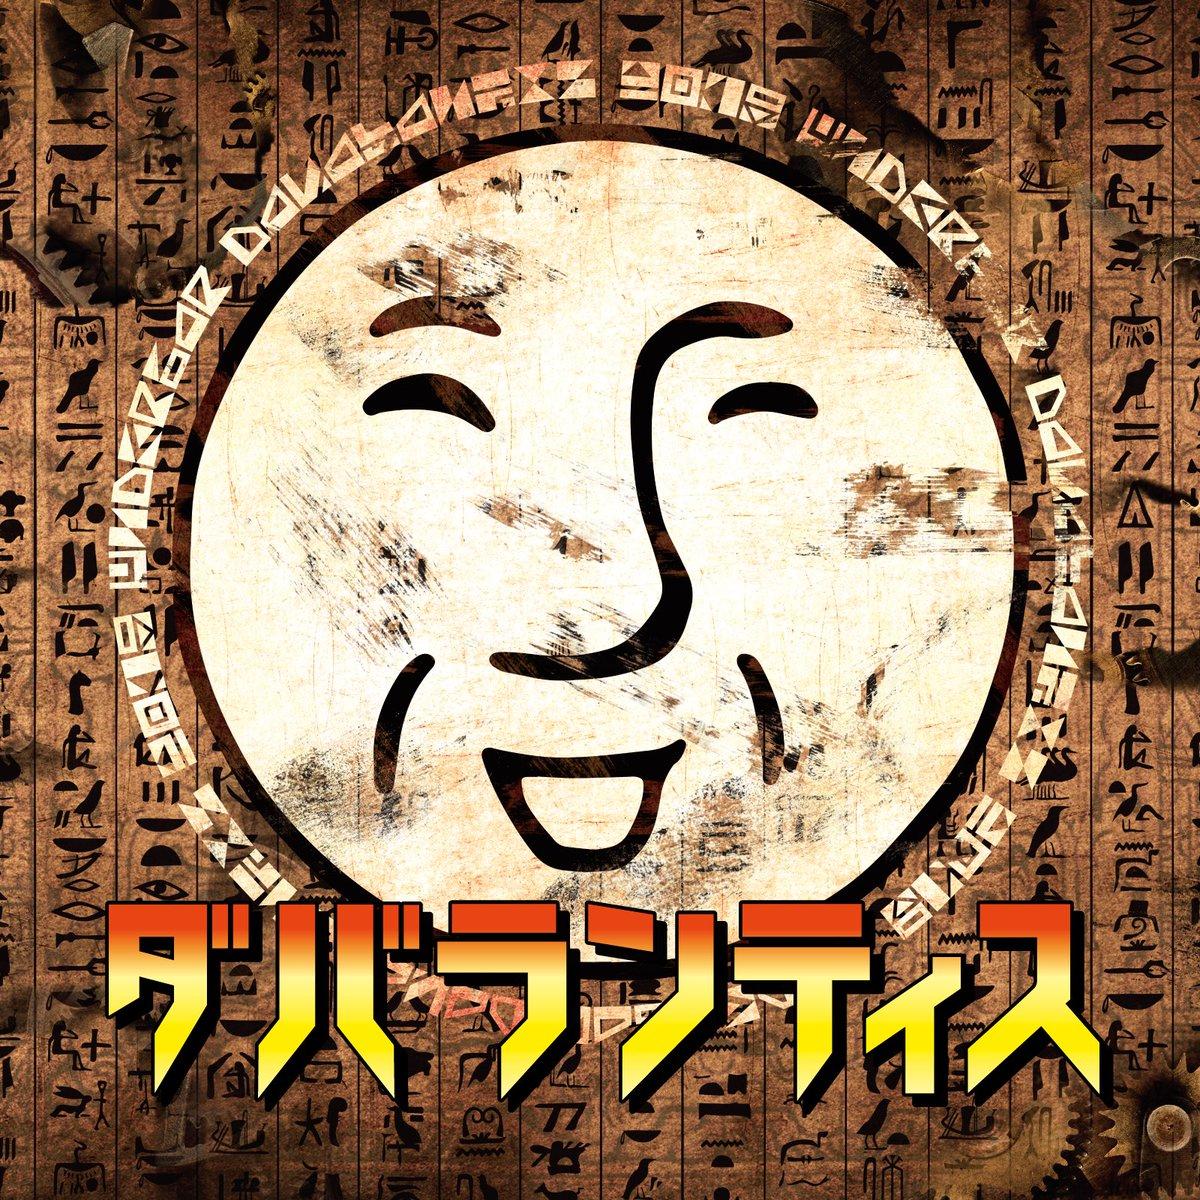 __(アンダーバー)@ 東名阪10thワンマンツアー!さんの投稿画像